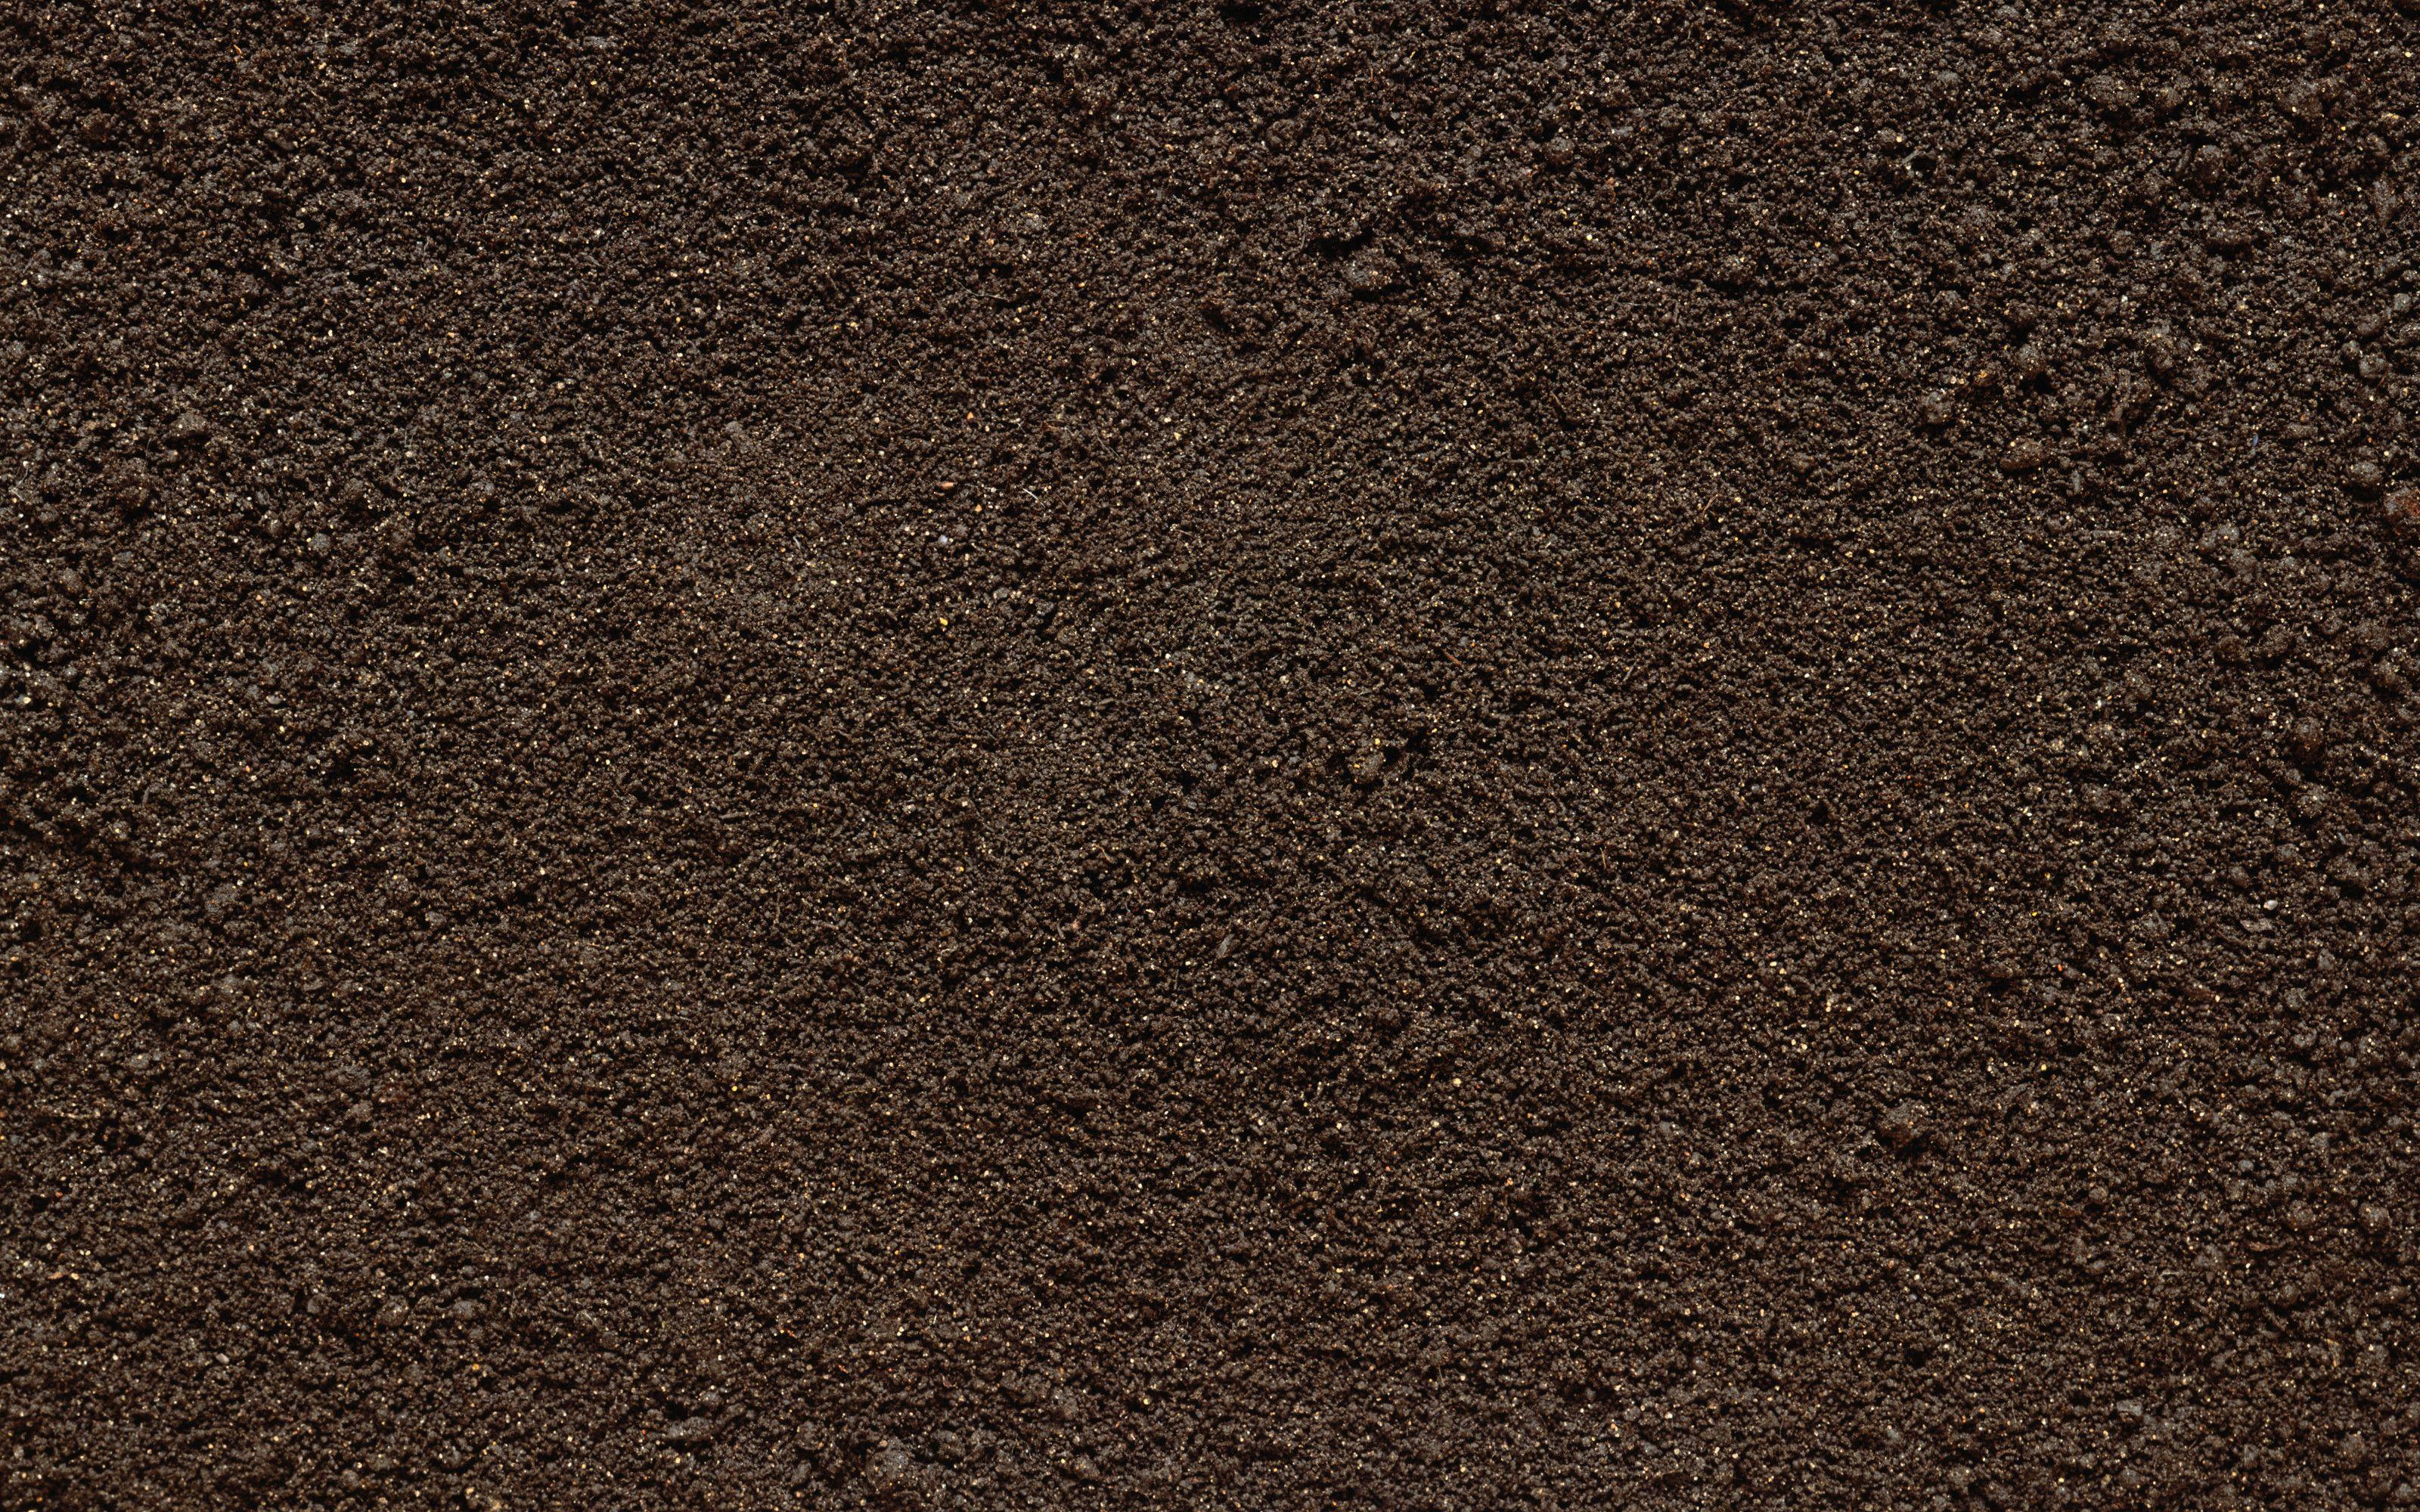 Dirt texture Useful Texture Pinterest Dirt texture : 8c5947aca39131735798134c323ba1d4 from www.pinterest.com size 3200 x 2000 jpeg 3413kB